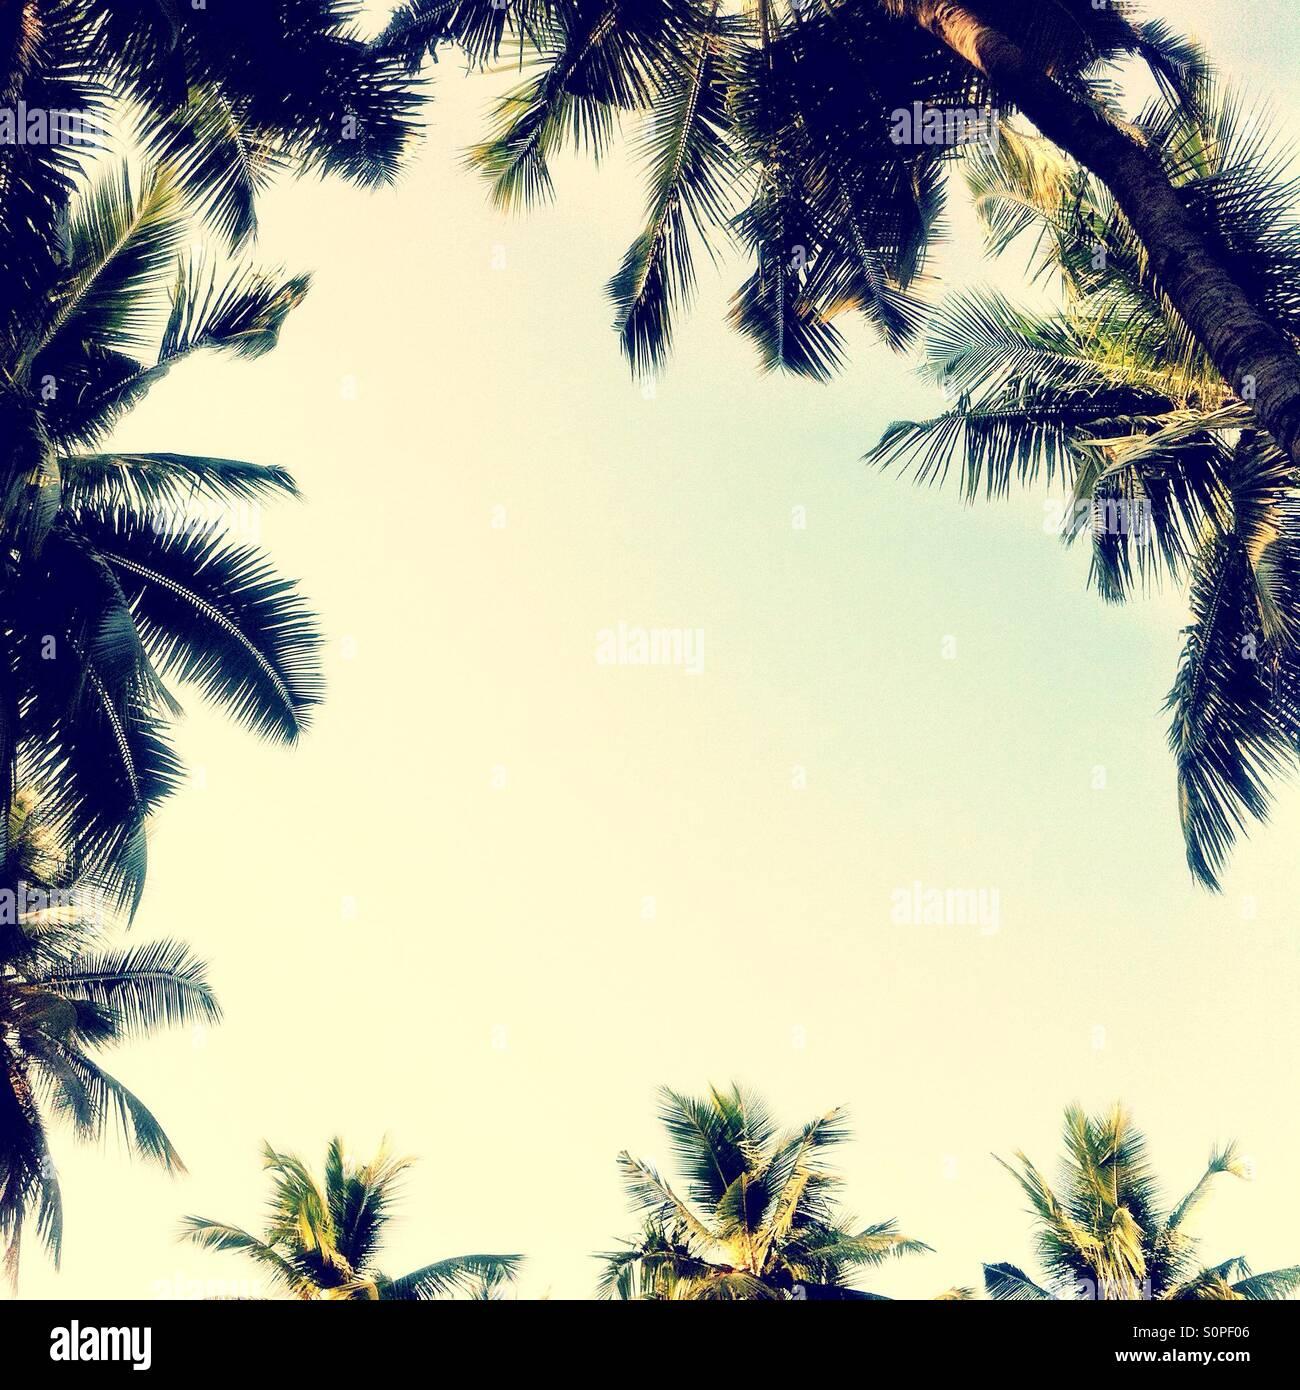 Palmiers entourant une zone de ciel bleu Photo Stock